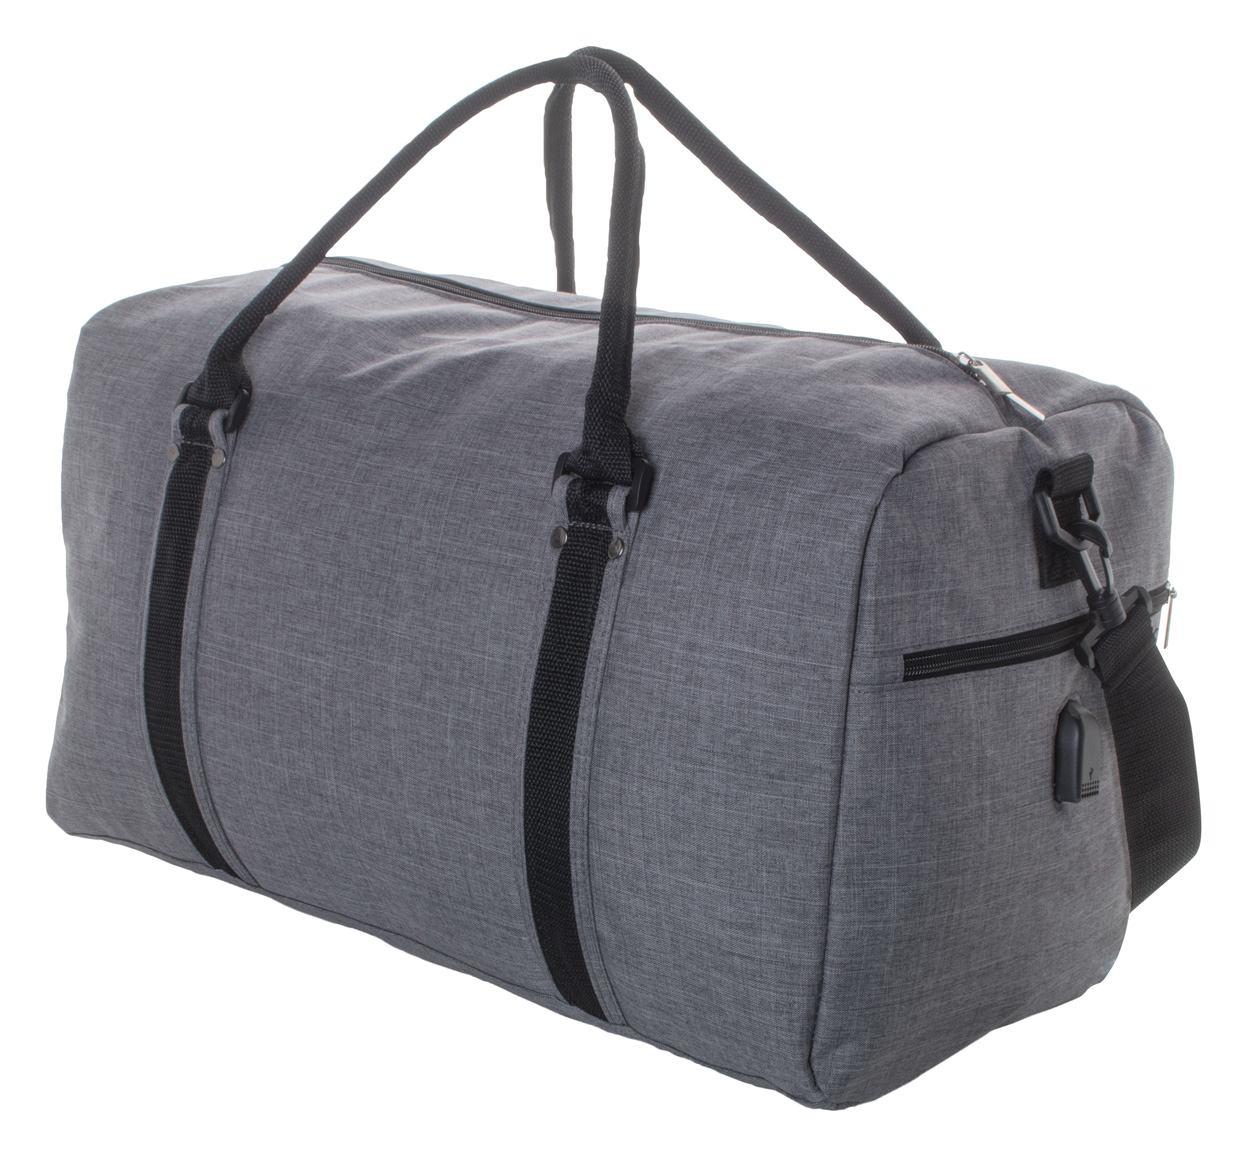 Donatox, Sportska torba s džepom na patentni zatvarač, naramenicom i ugrađenim USB priključkom za prijenosne punjače